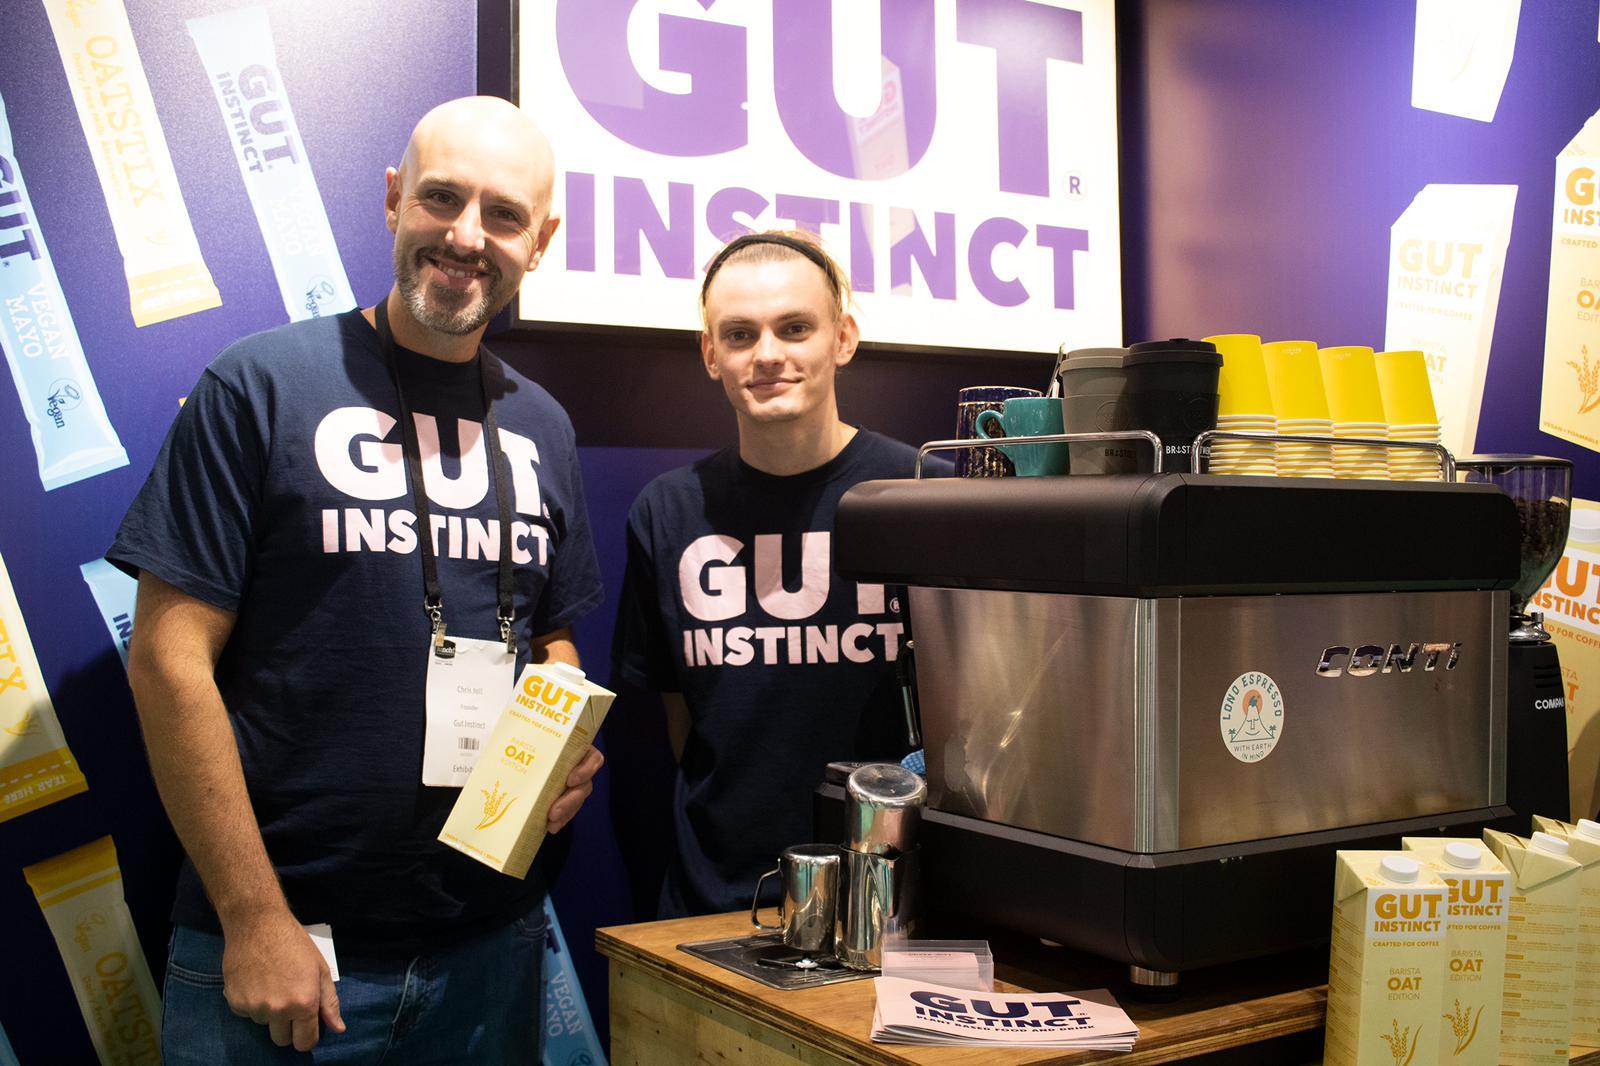 Gut Instinct at their 2nd Trade Show - Chris Joll (Founder)